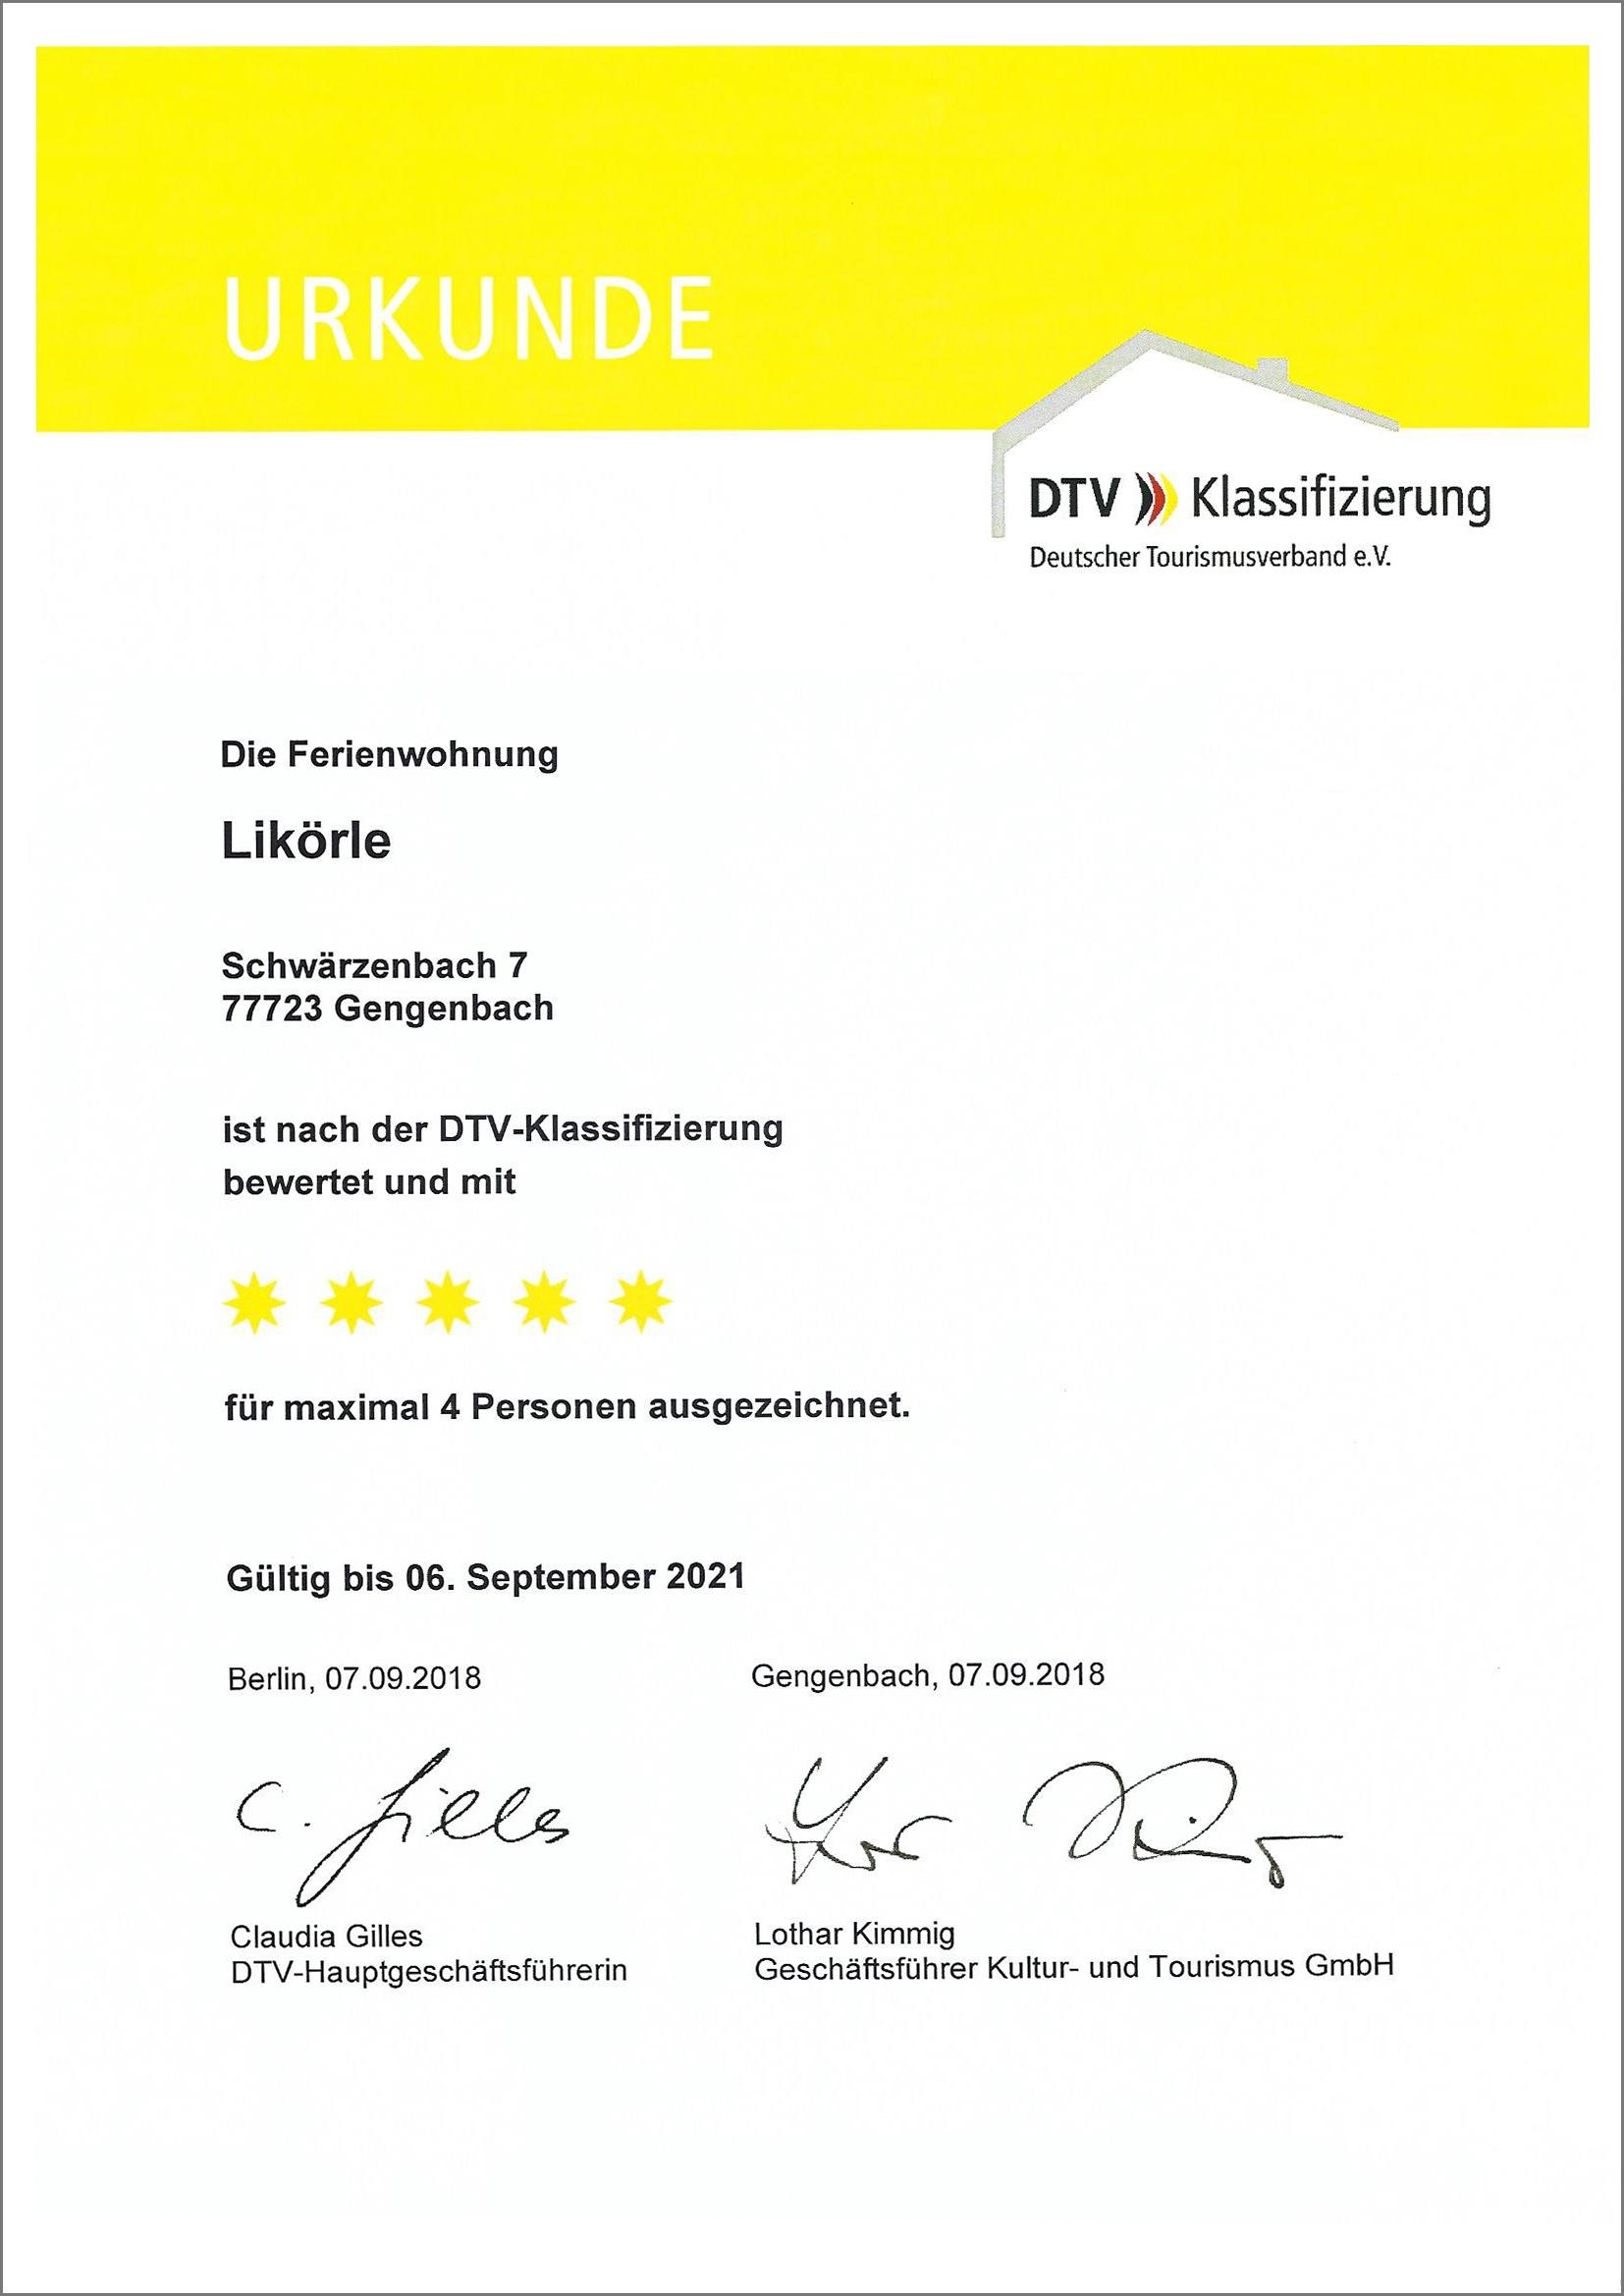 Ferienwohnung Likörle nach der DTV Klassifizierung mit 5 Sternen ausgezeichnet